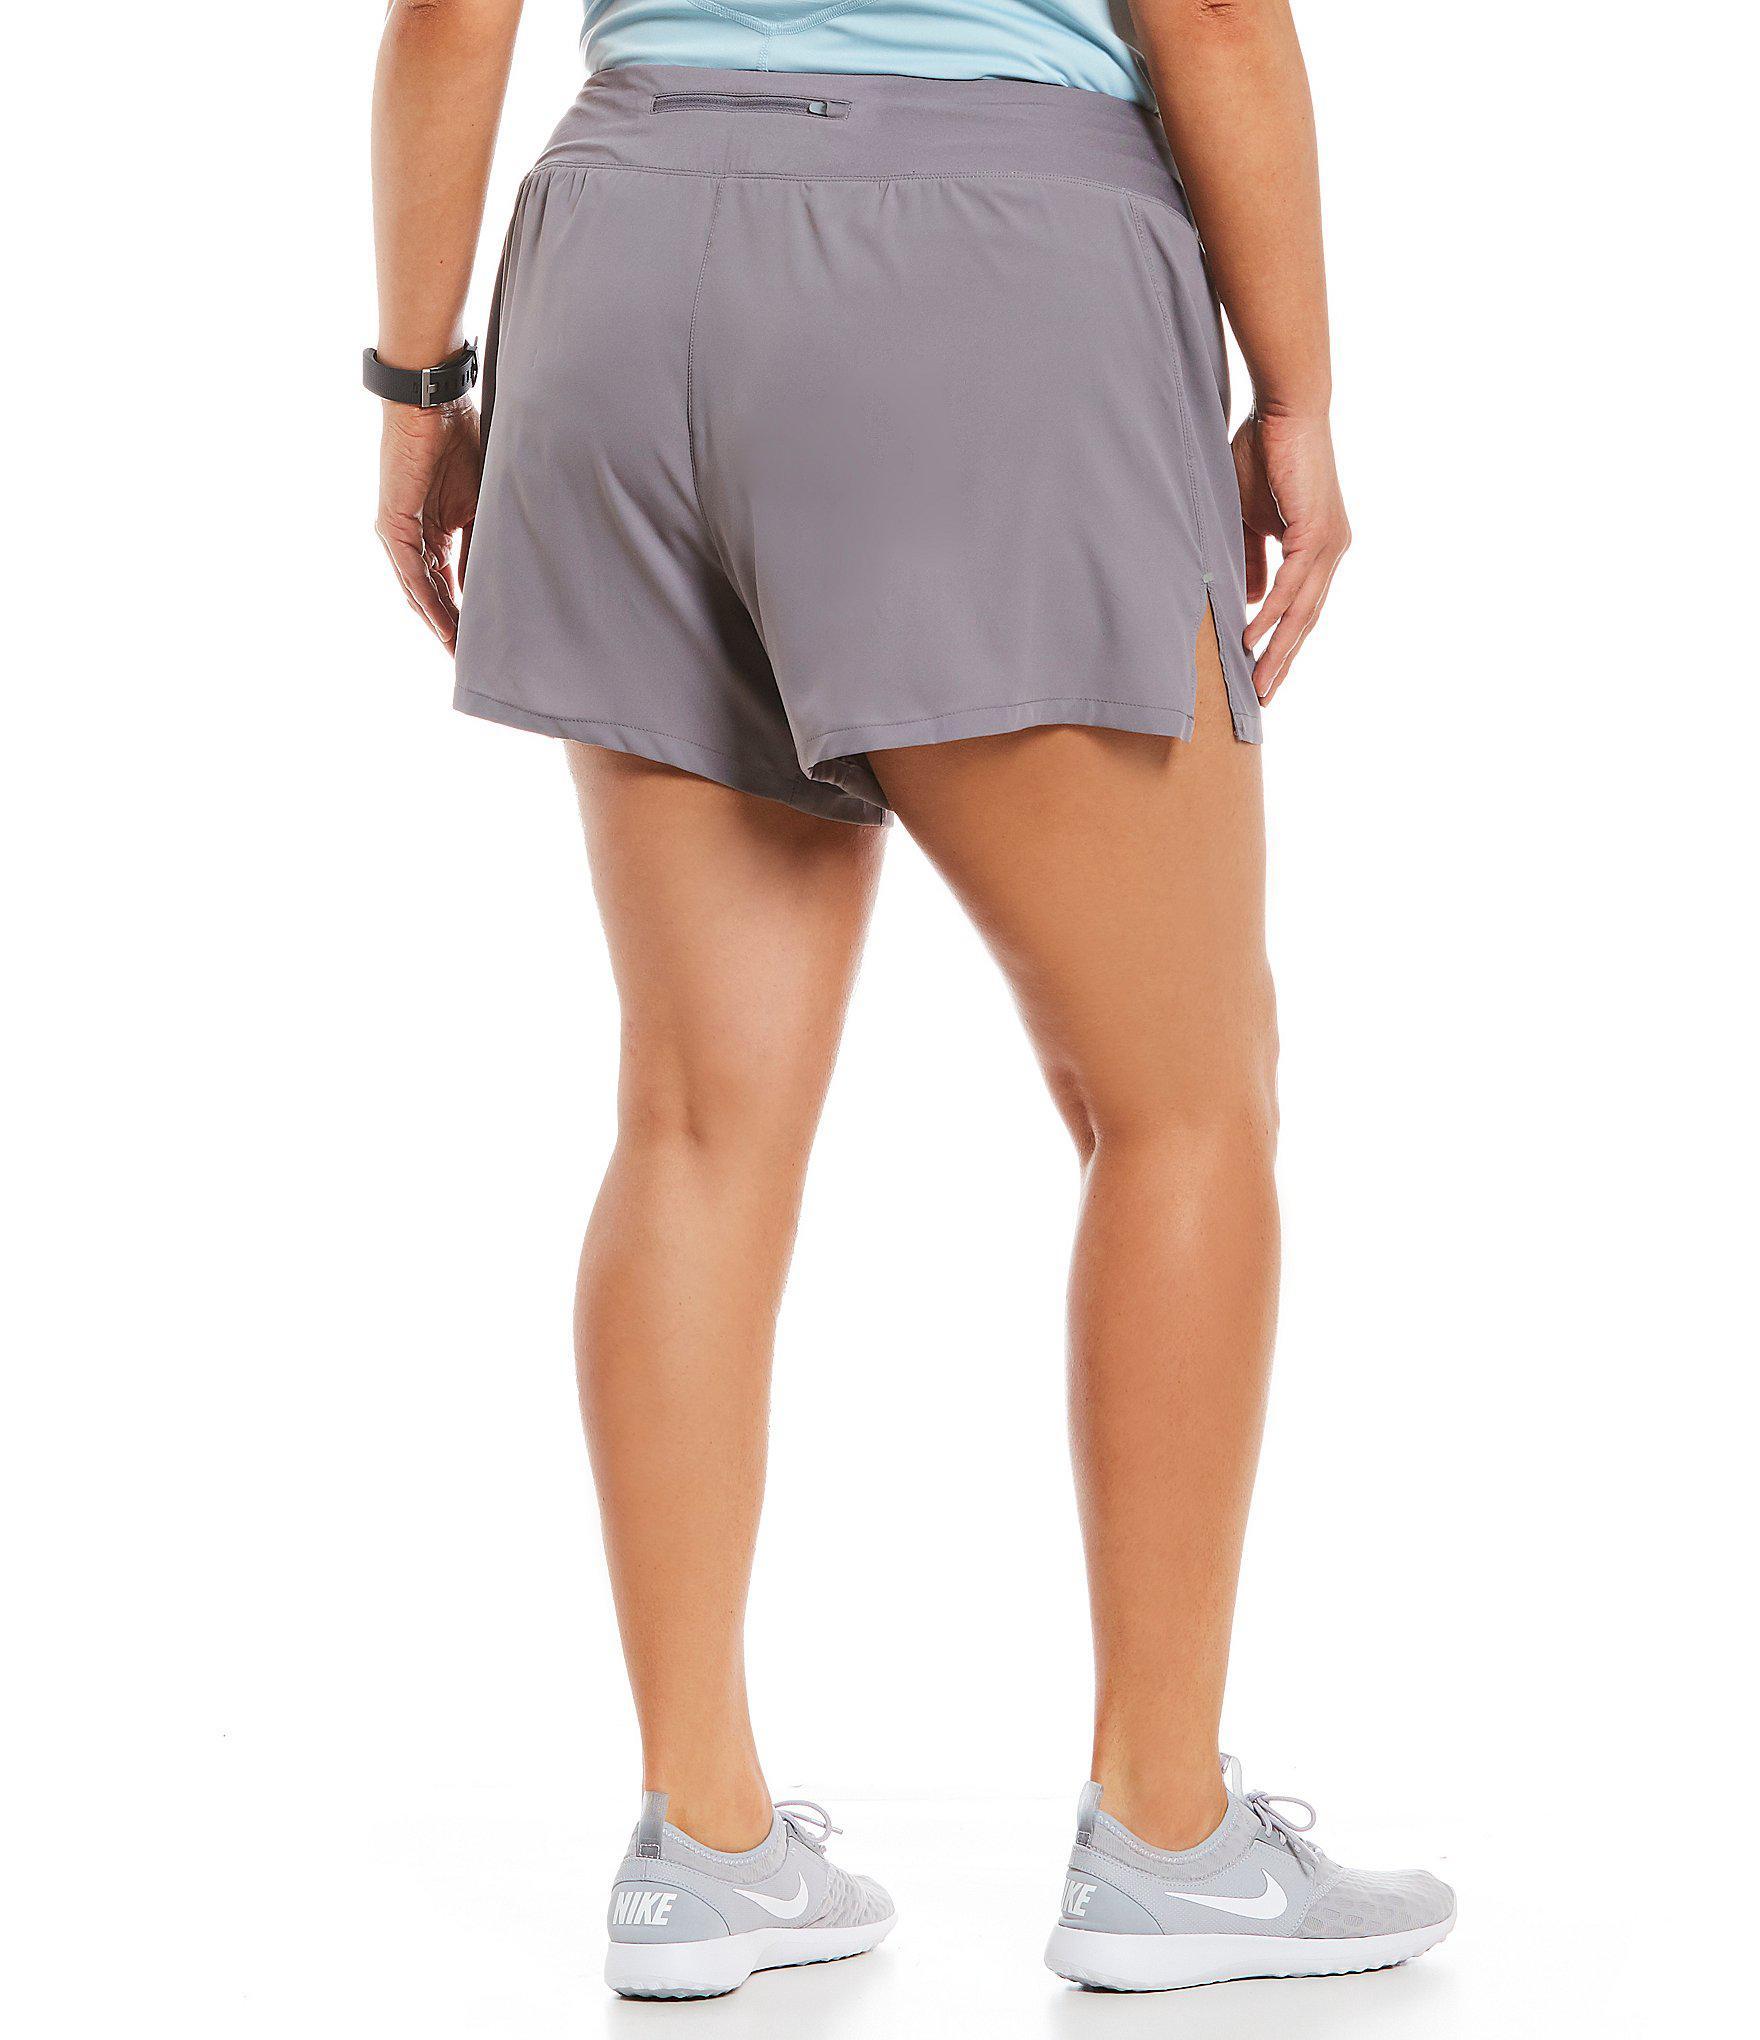 557d445de7c1 Nike - Gray Flex Running Shorts - Lyst. View fullscreen